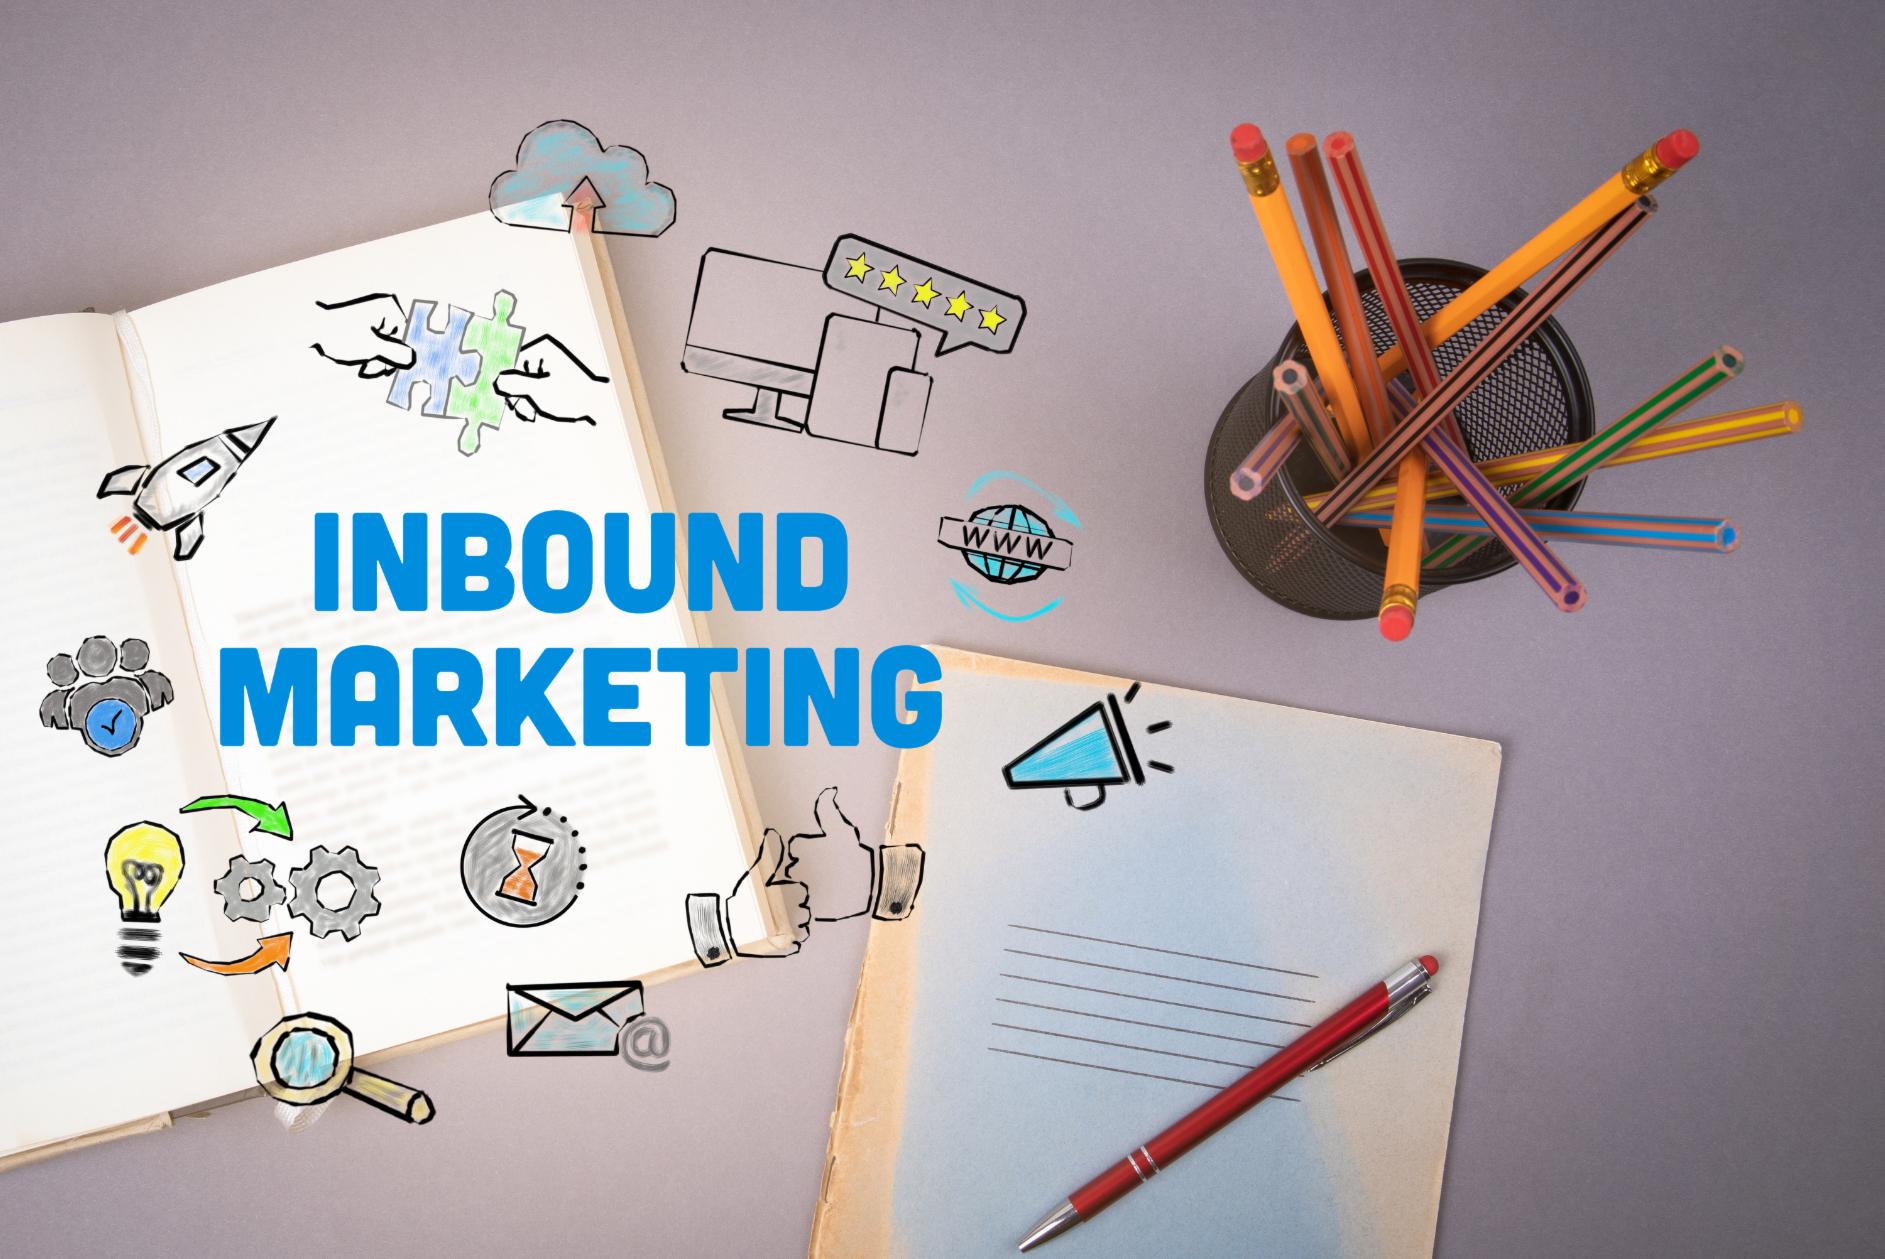 Inbound Marketing for AdTech Companies